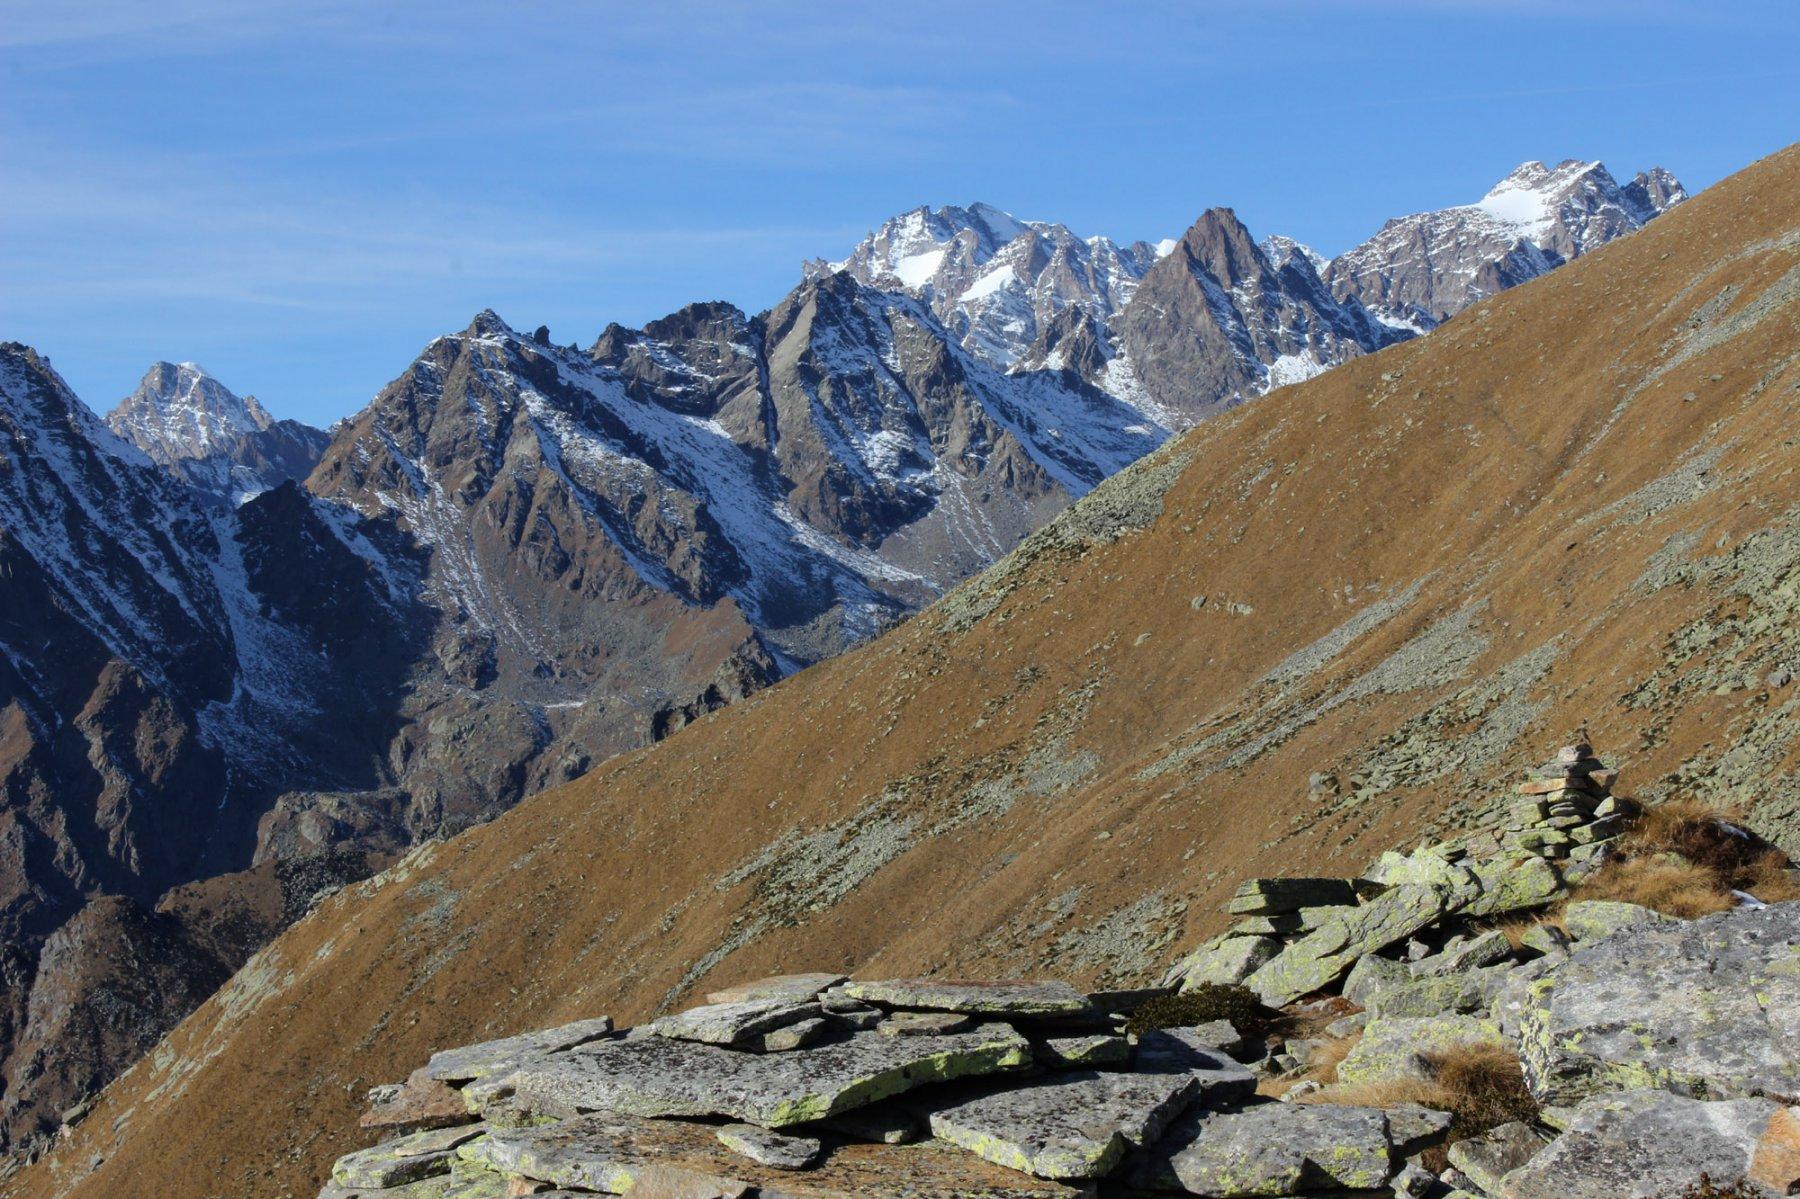 il versante opposto dalla punta Praghetta.